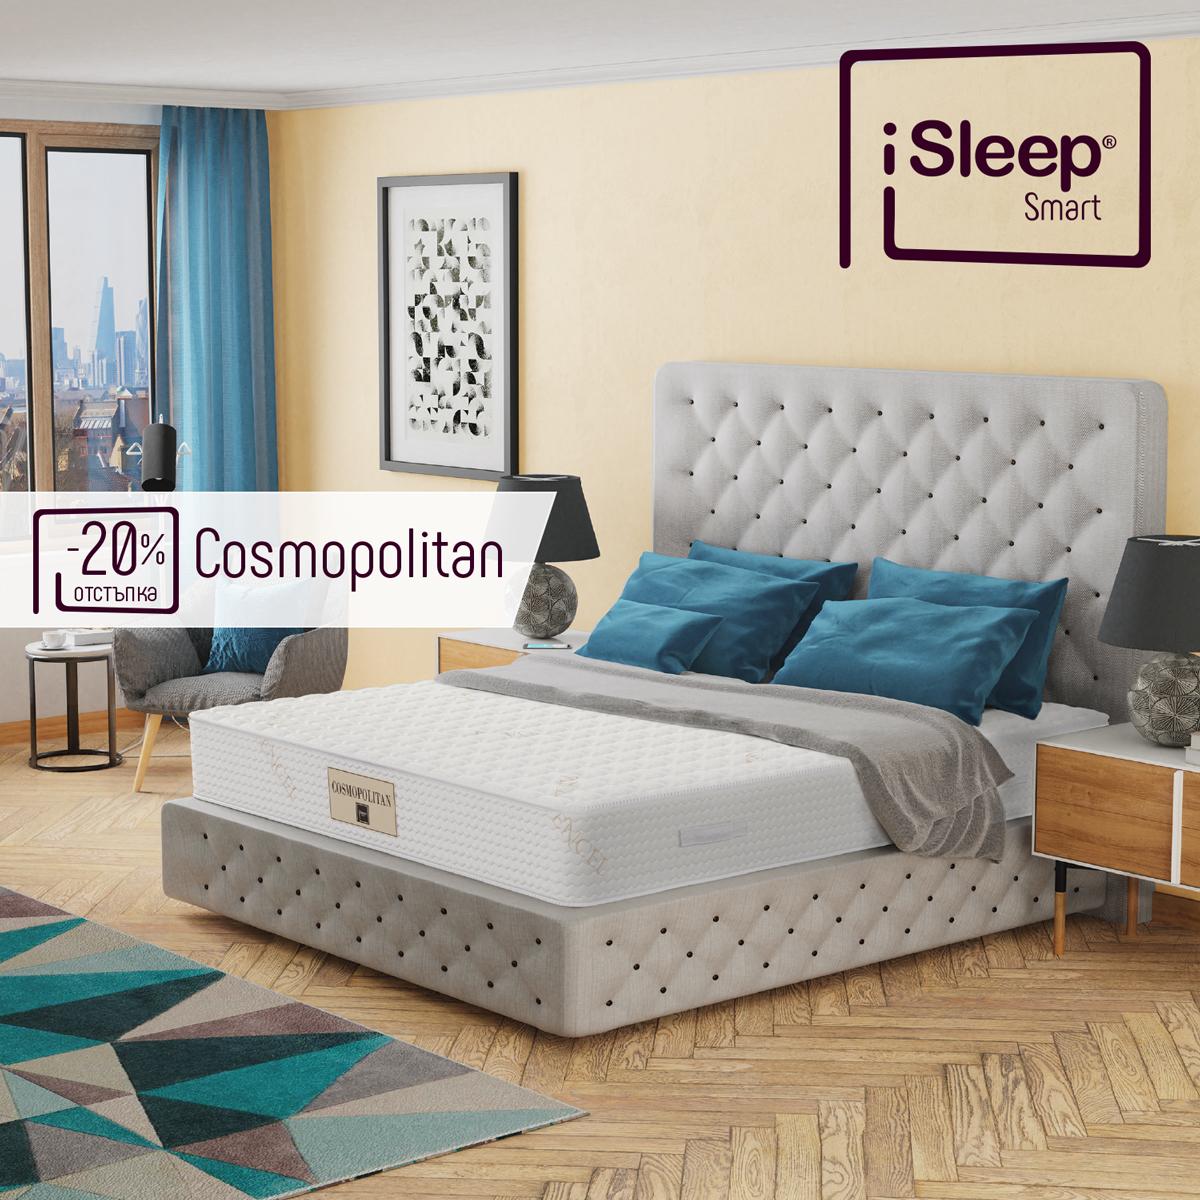 iSleep Cosmopolitan матрак добър сън